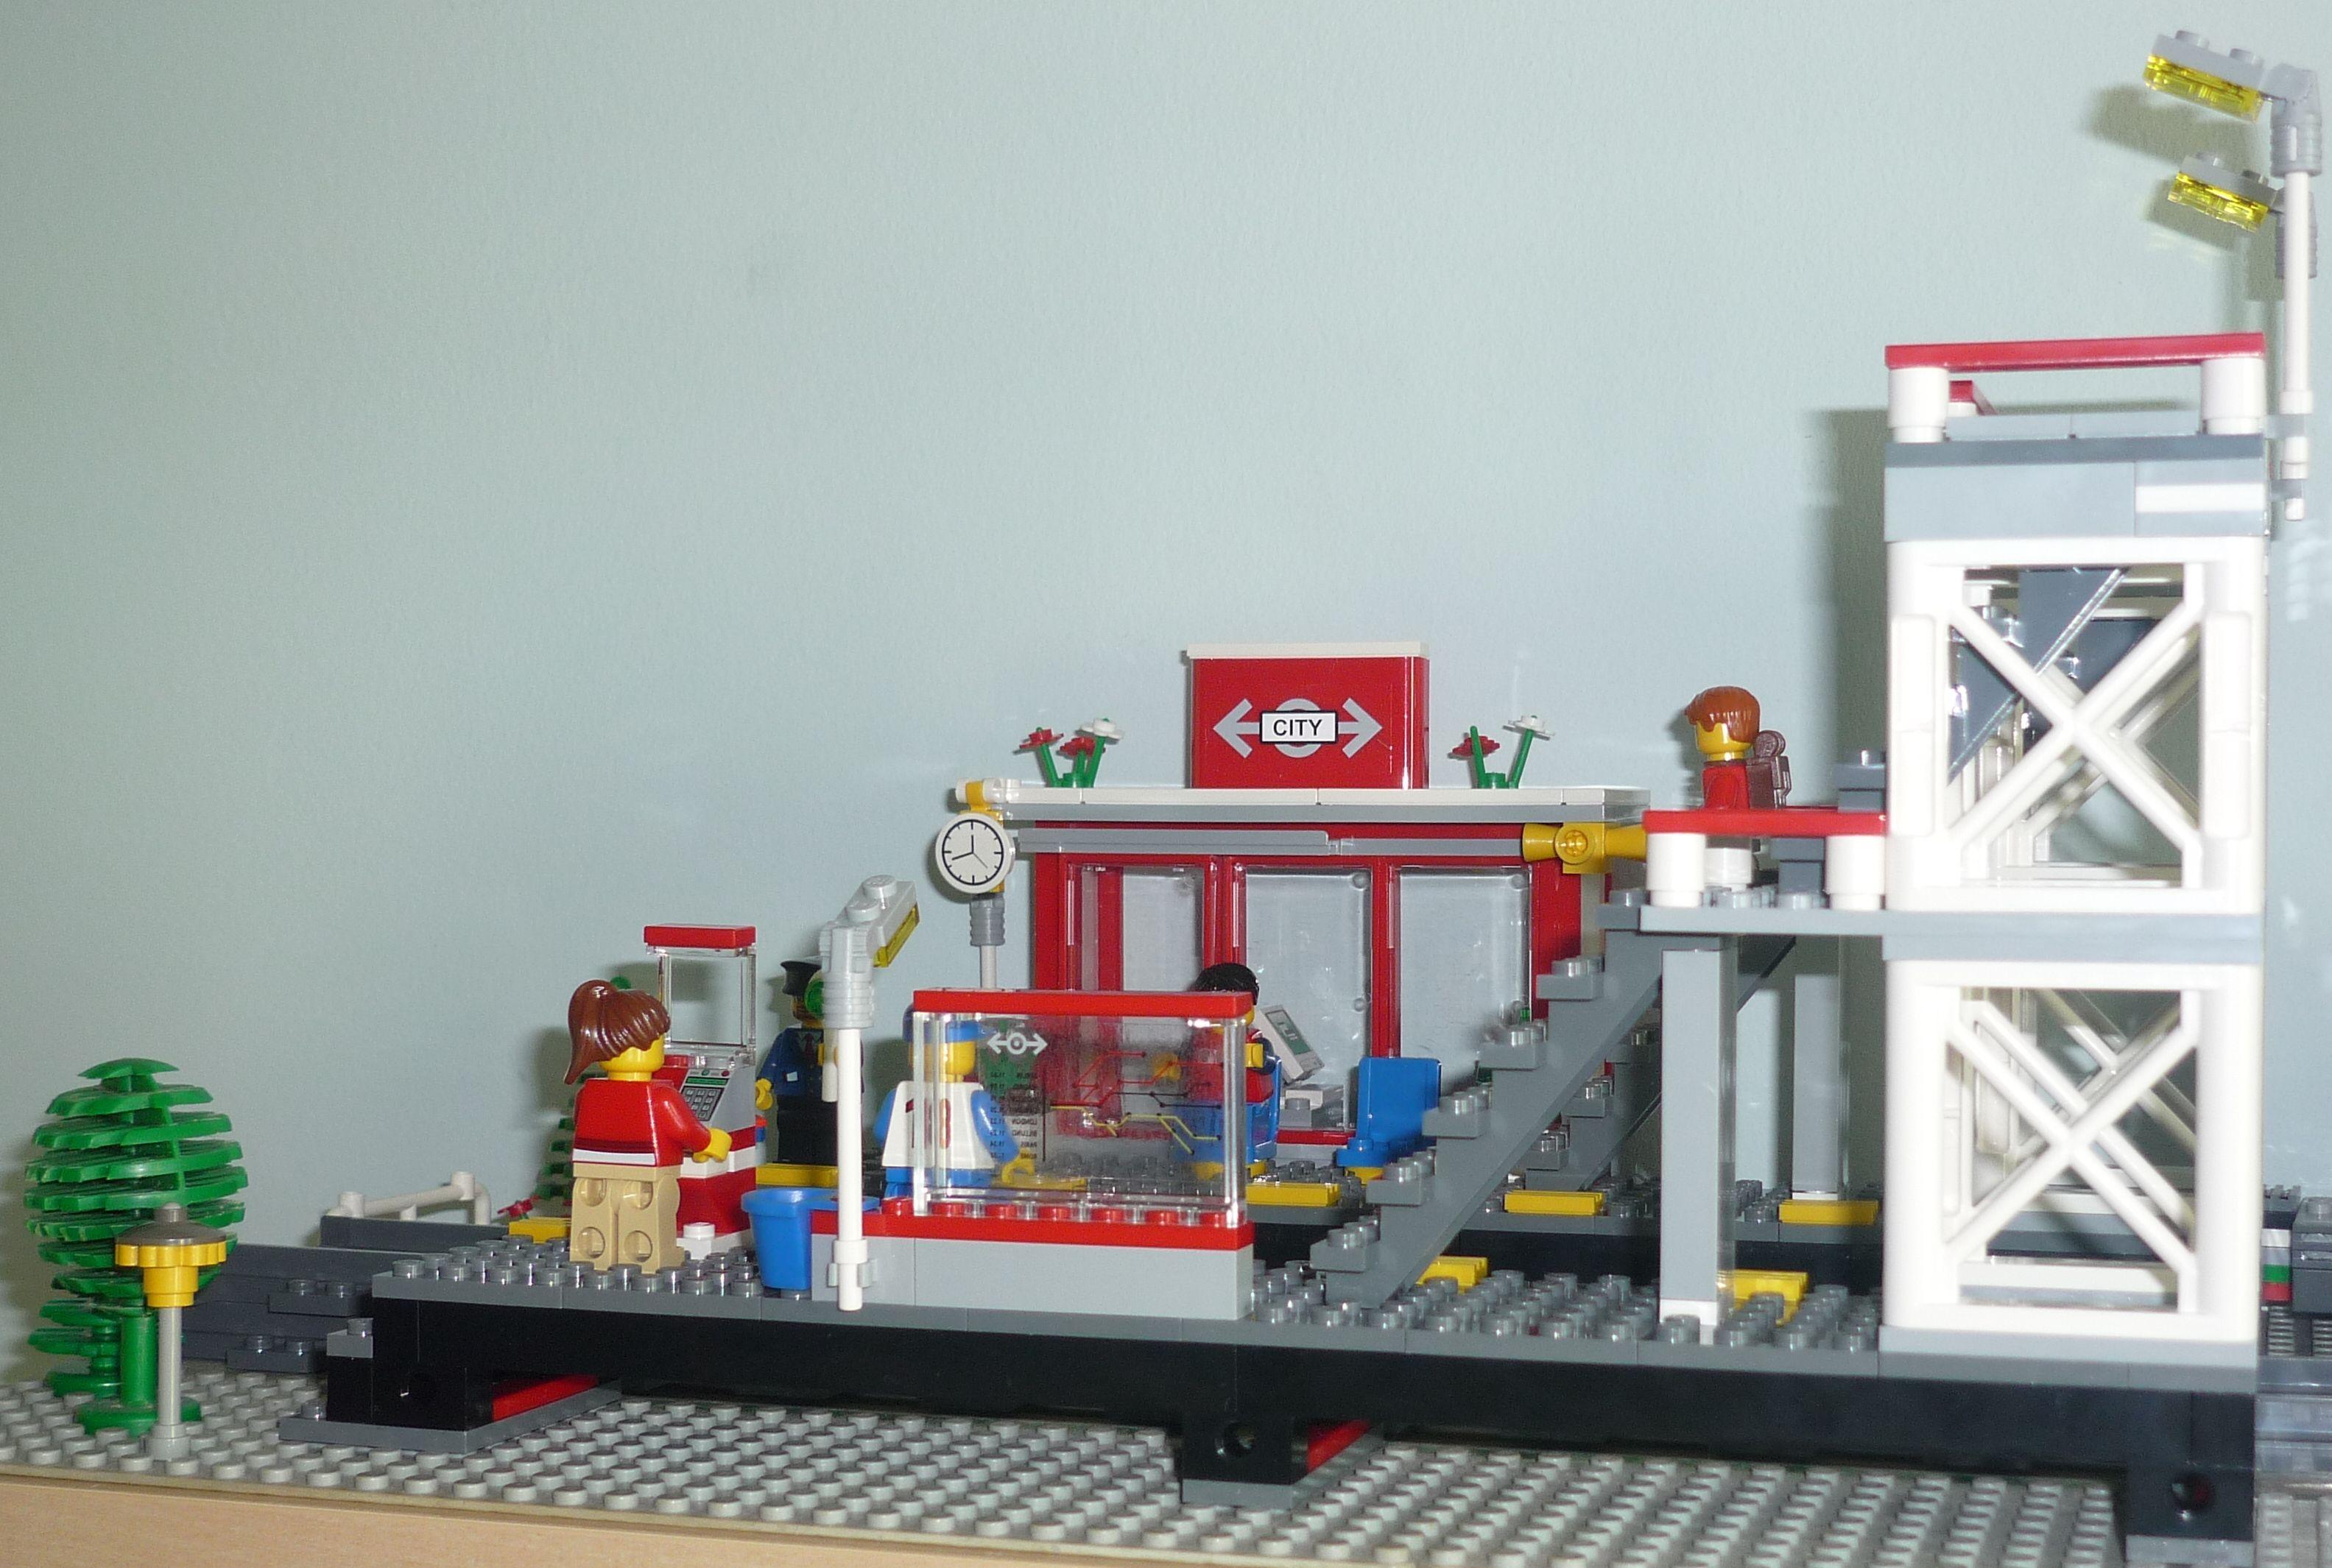 Lego City 7937 – Train Station | i Brick City